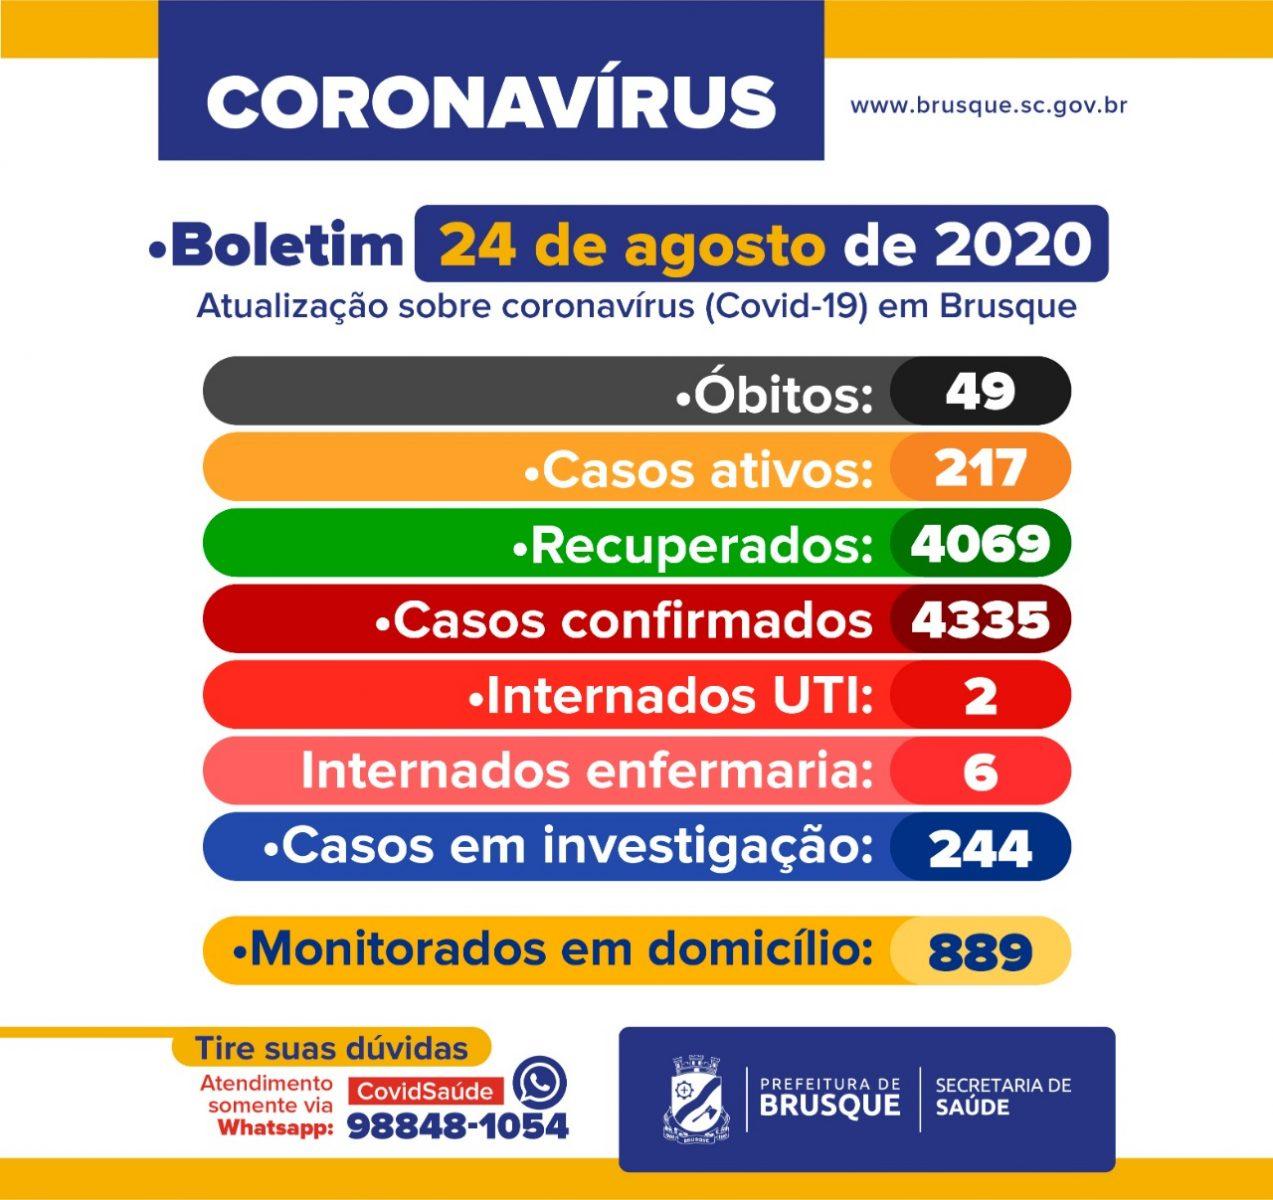 COVID-19: Boletim epidemiológico desta segunda-feira (24) de agosto